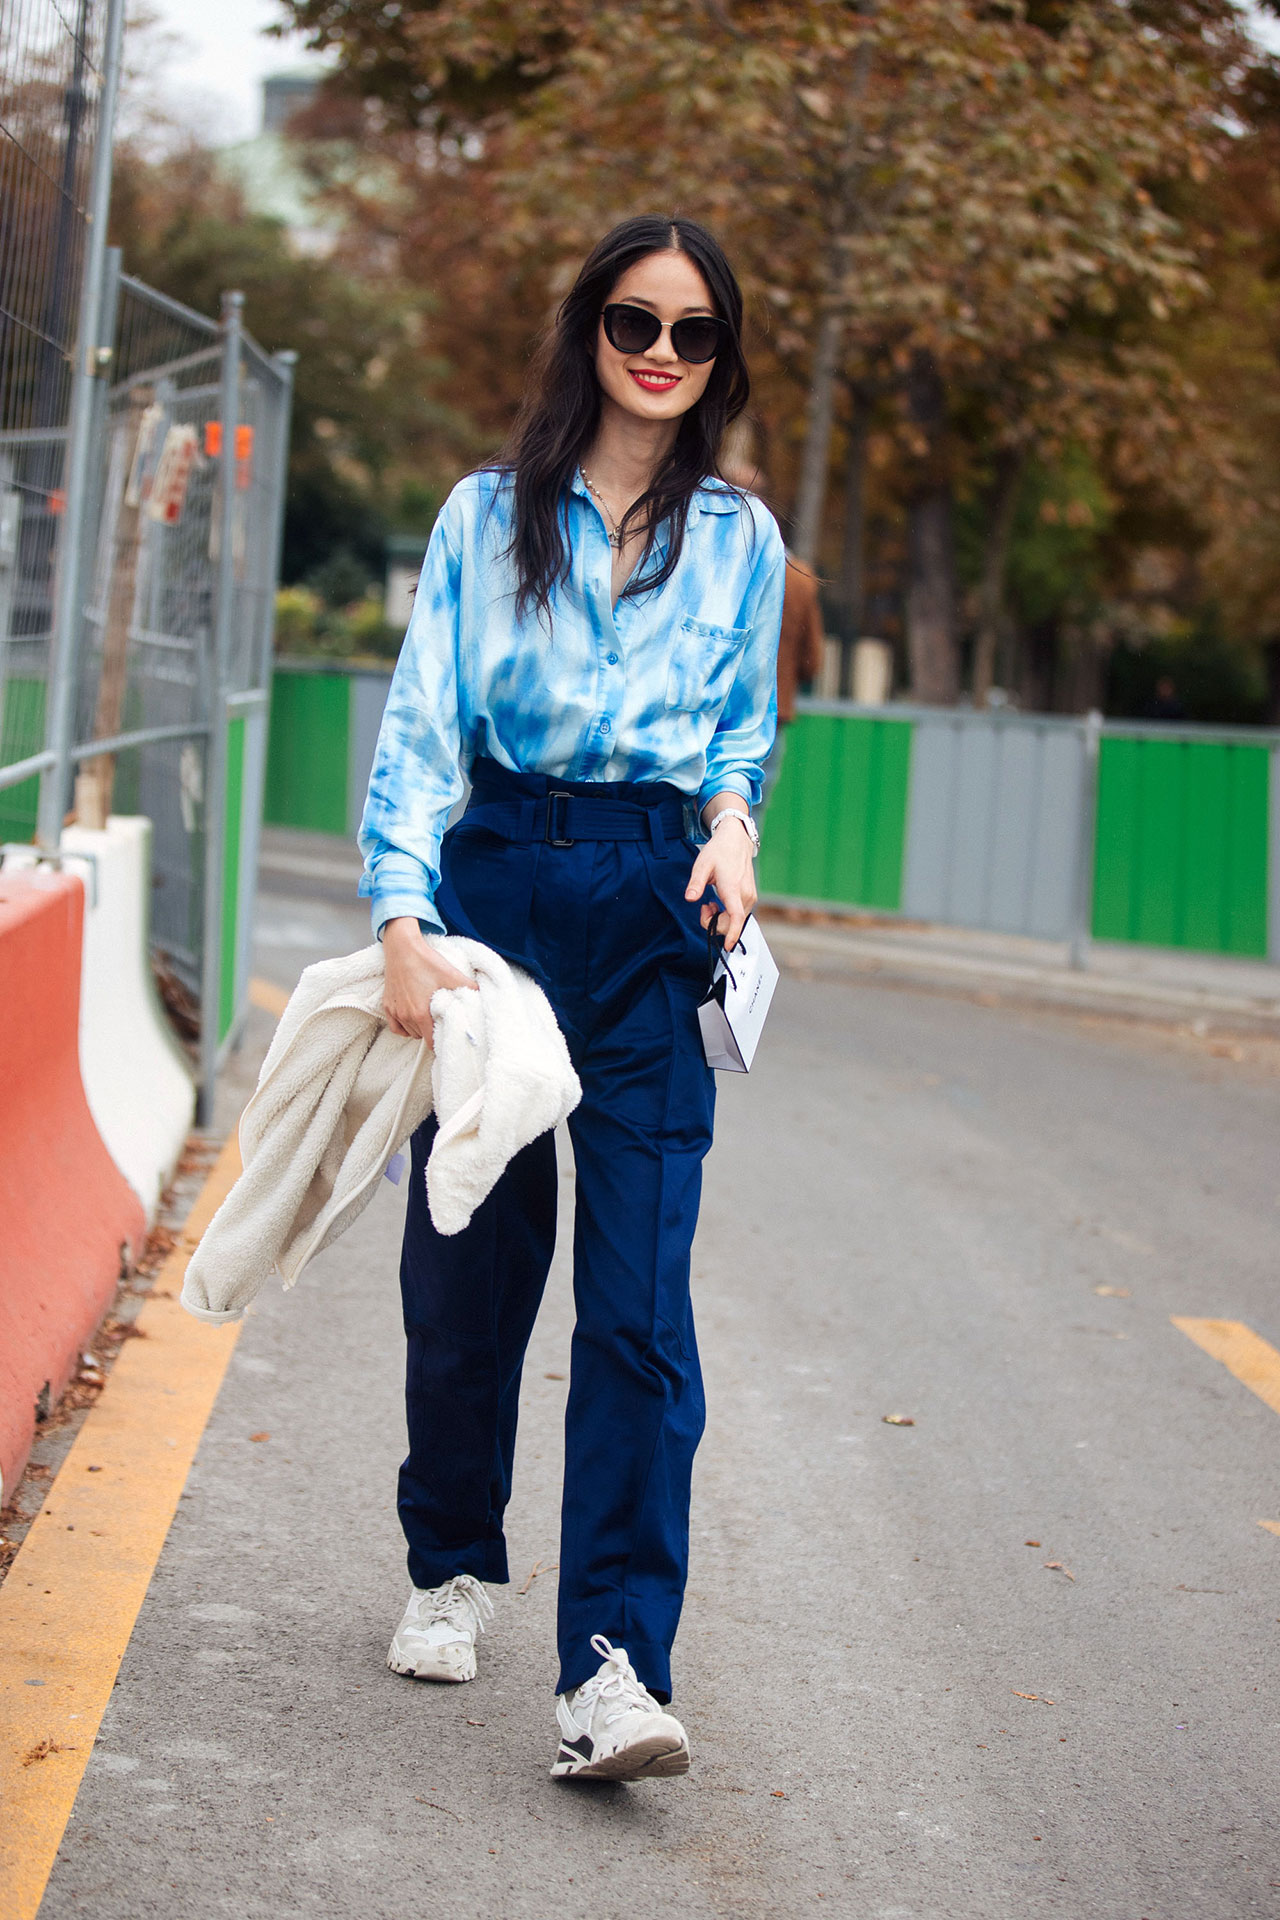 áo sơmi tie dye và quần dài